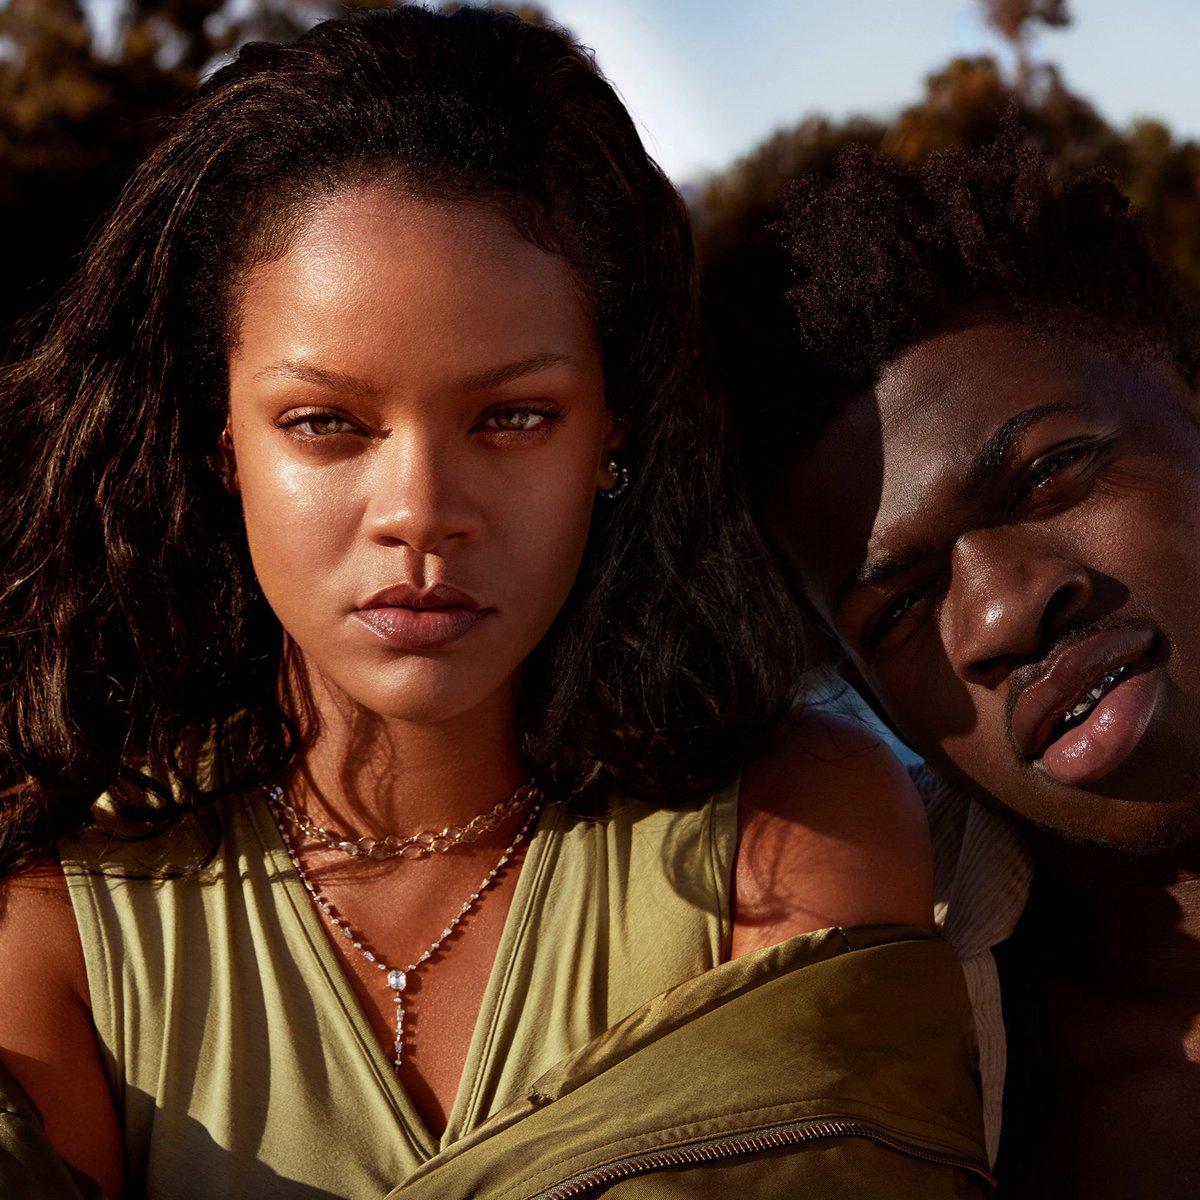 @fentyskin's photo on Rihanna